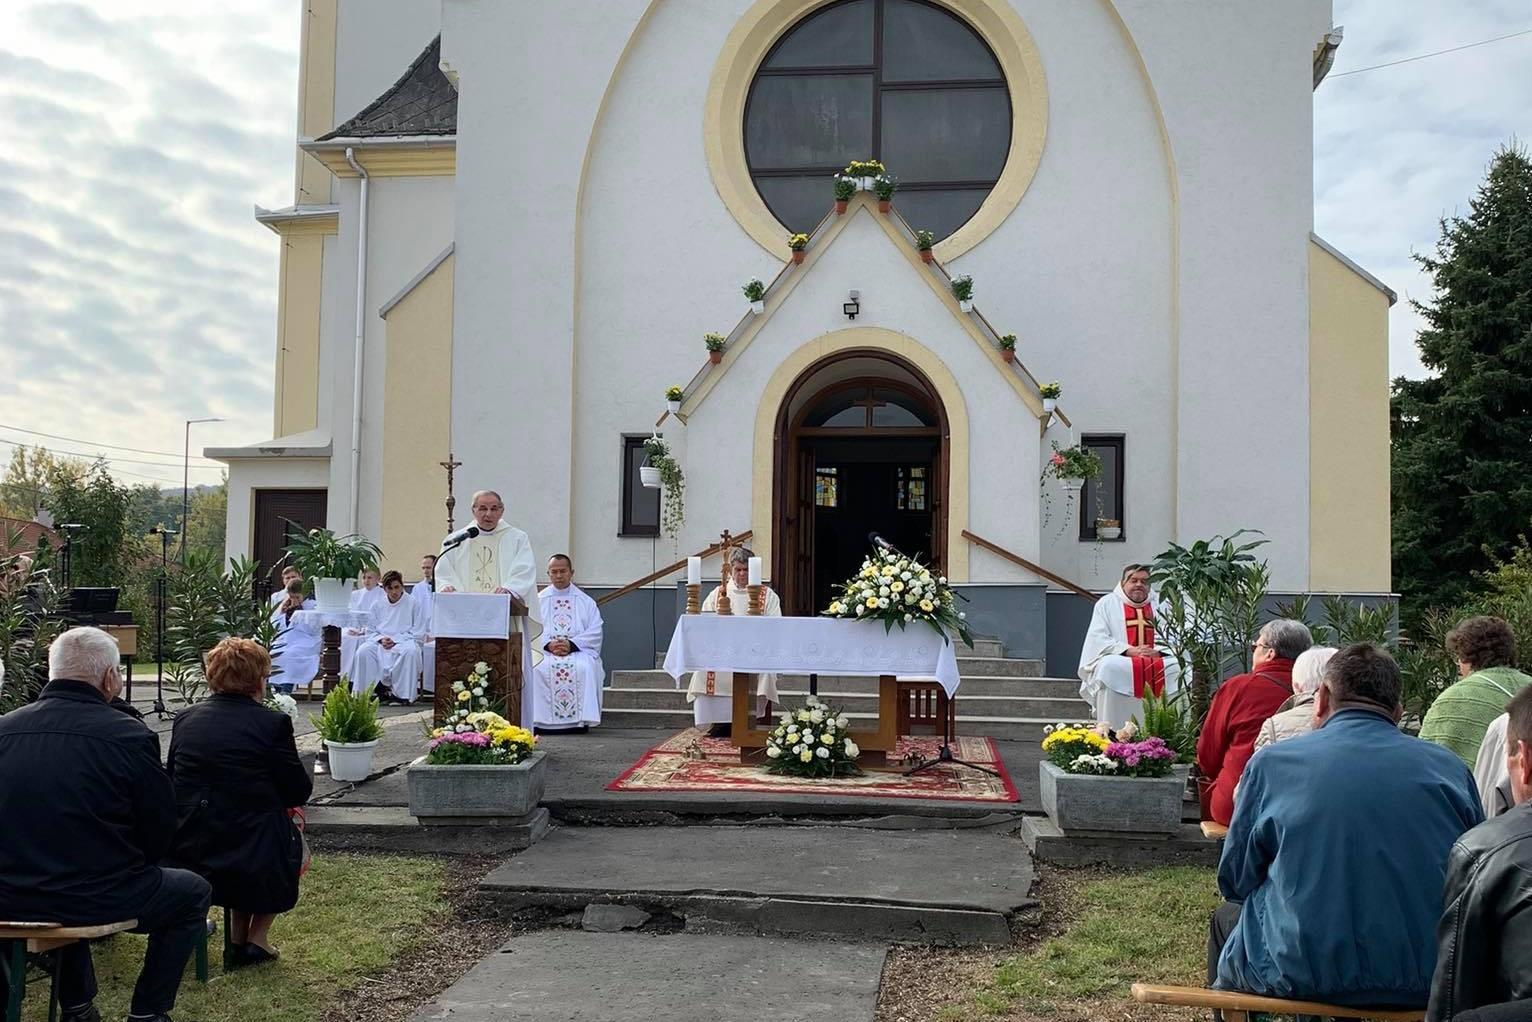 Búcsú az Avilai Szent Teréz római katolikus templomban